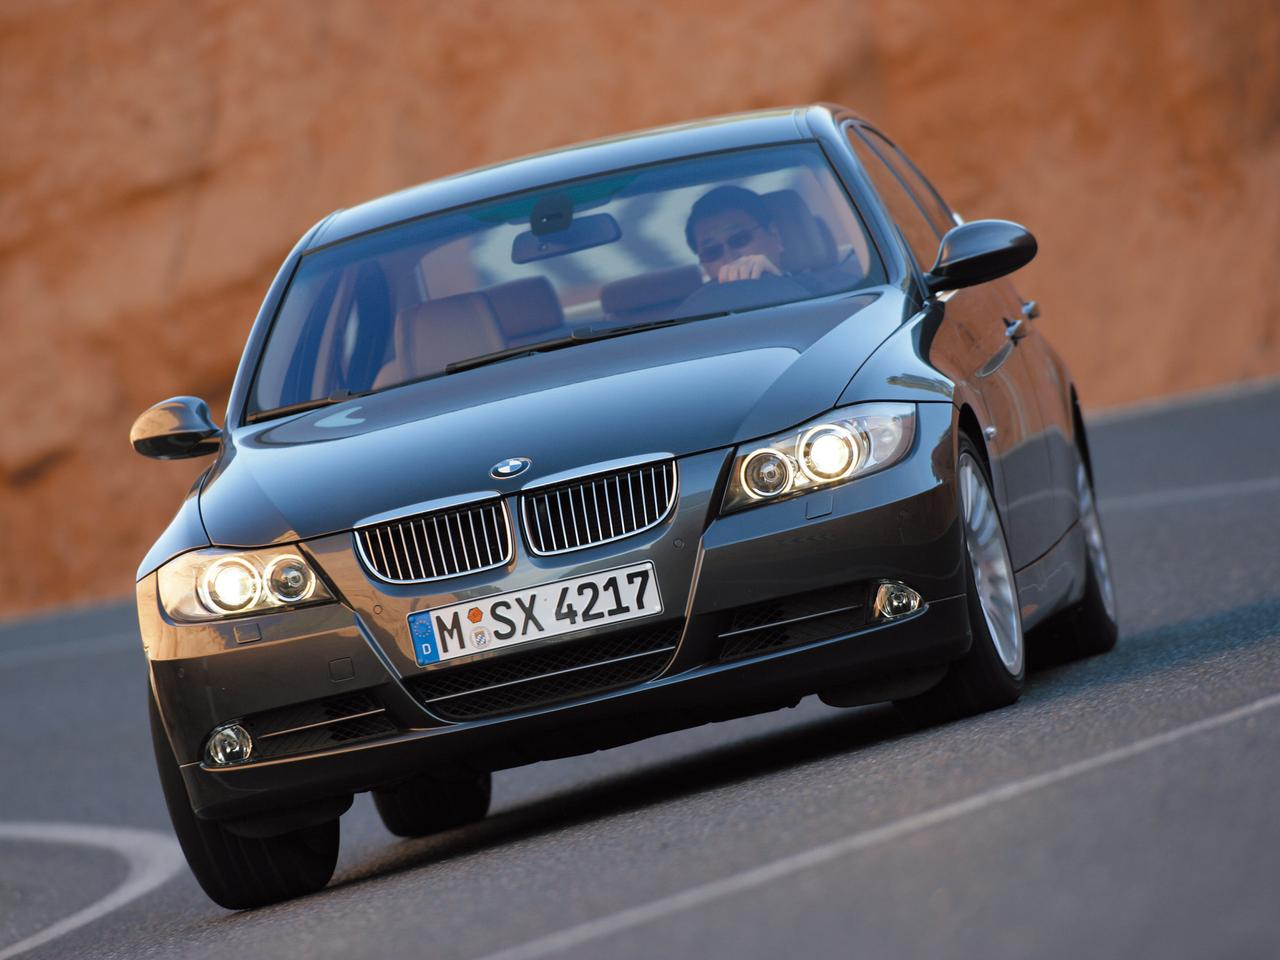 【ヒットの法則16】E90型BMW 3シリーズは歴代の「3」が備える本質的価値を引き継いでいた